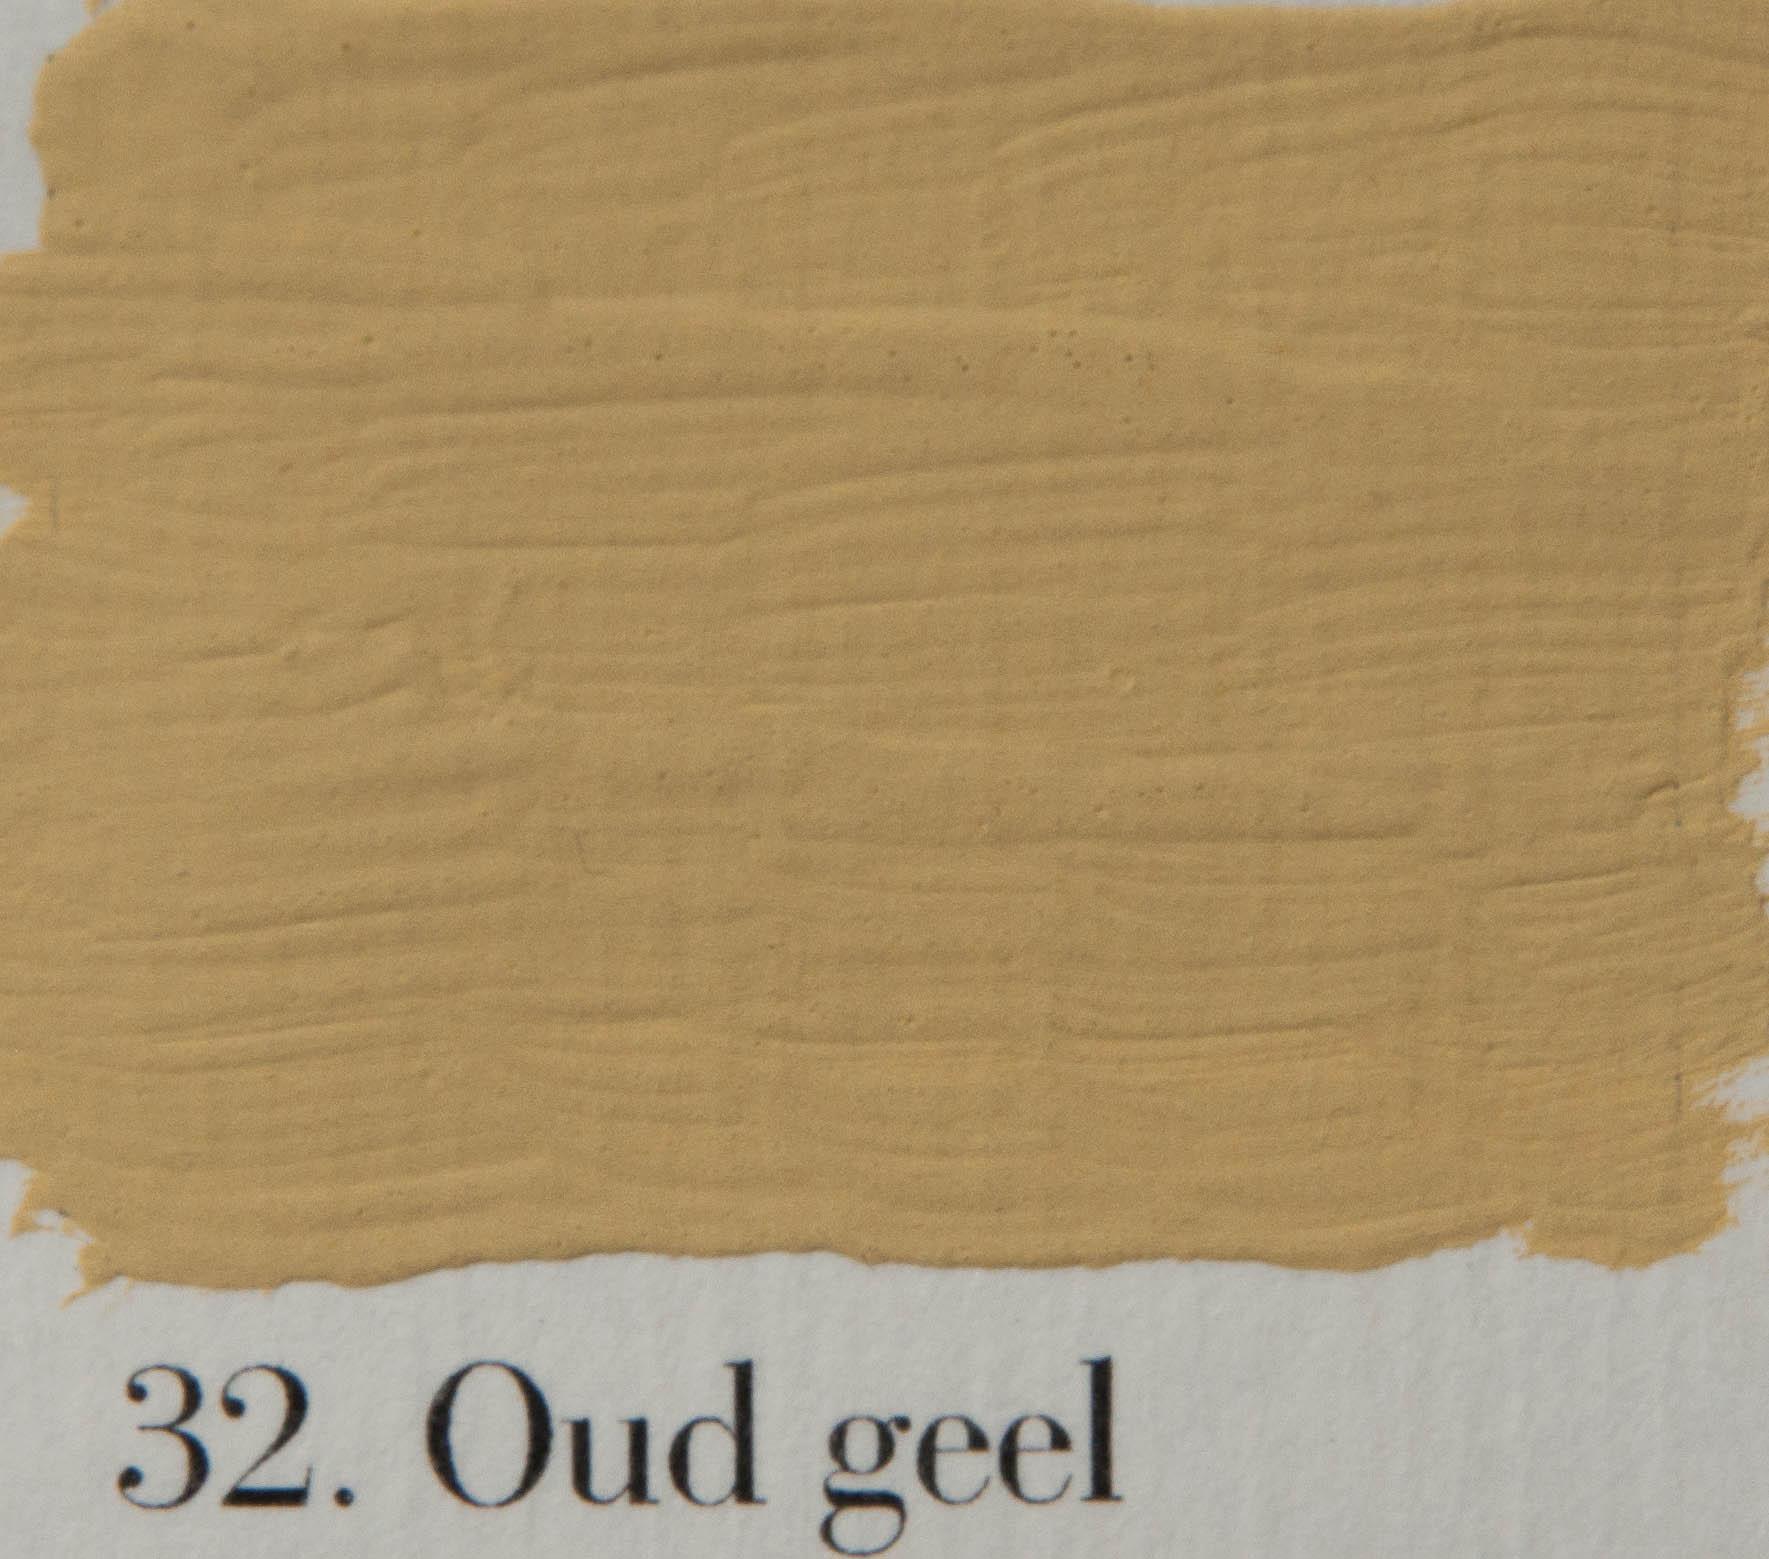 'l Authentique krijtverf 32. Oud geel